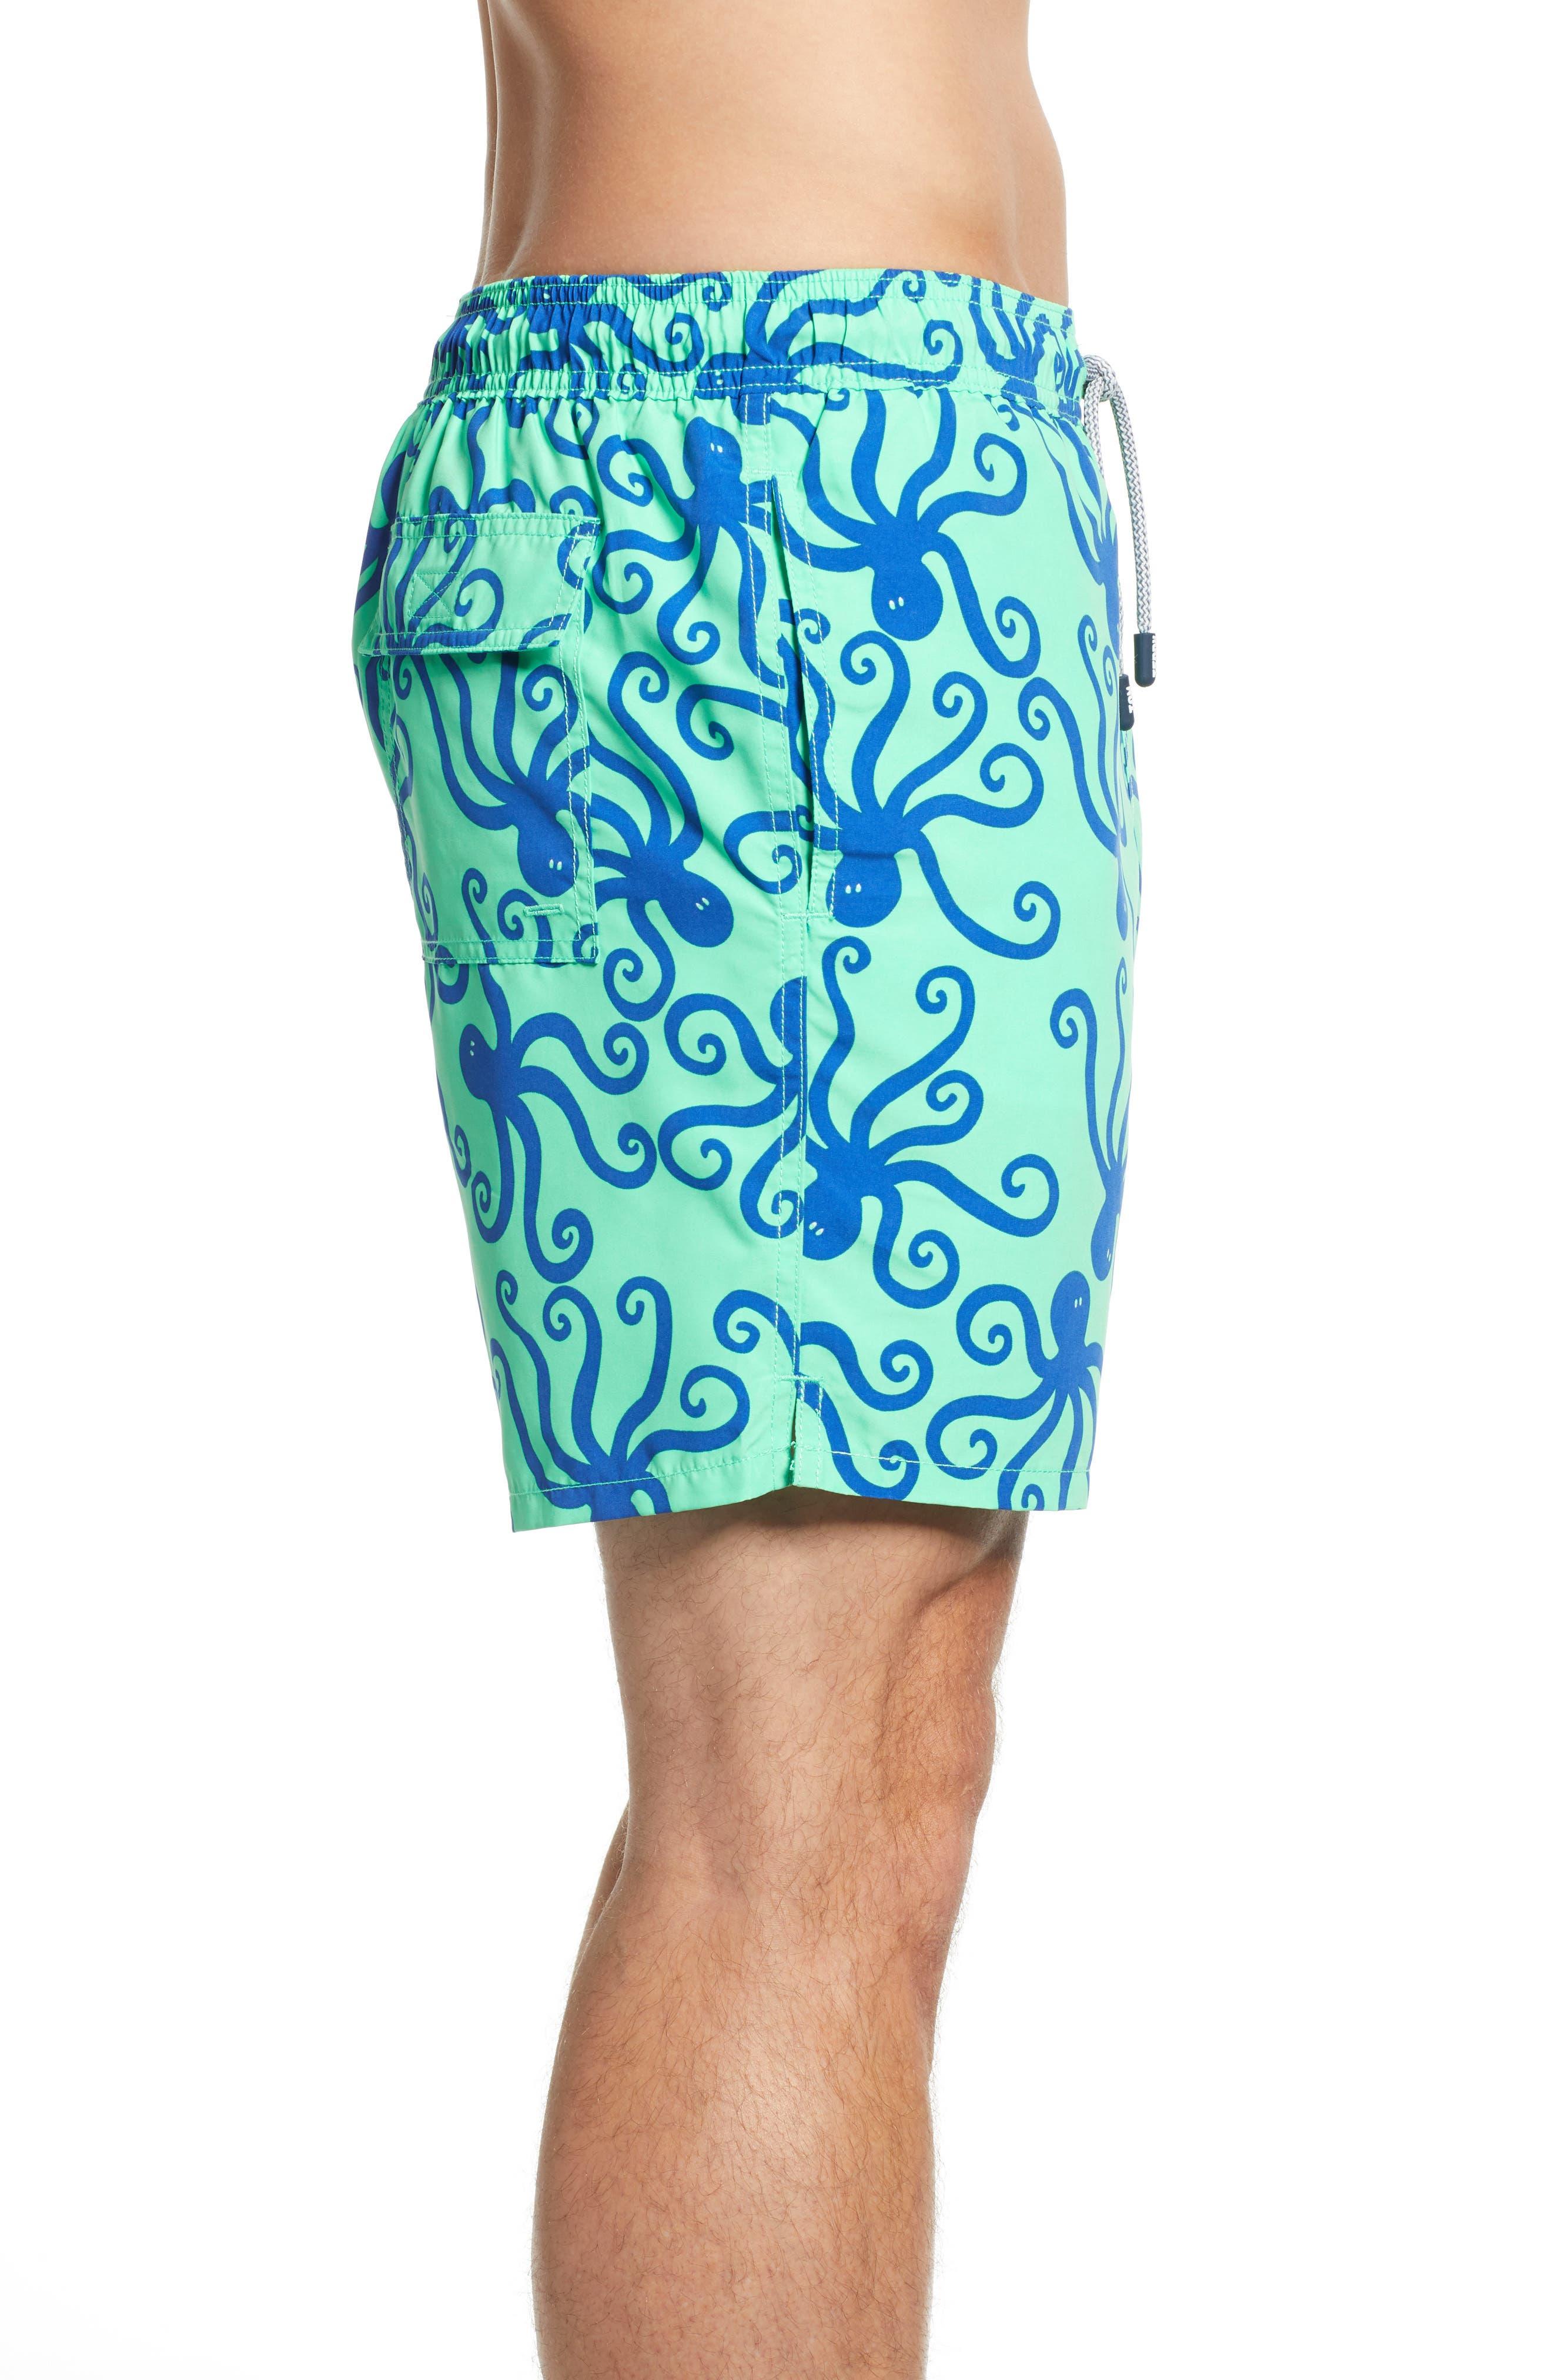 TOM & TEDDY, 'Octopus Pattern' Swim Trunks, Alternate thumbnail 3, color, GREEN/ BLUE